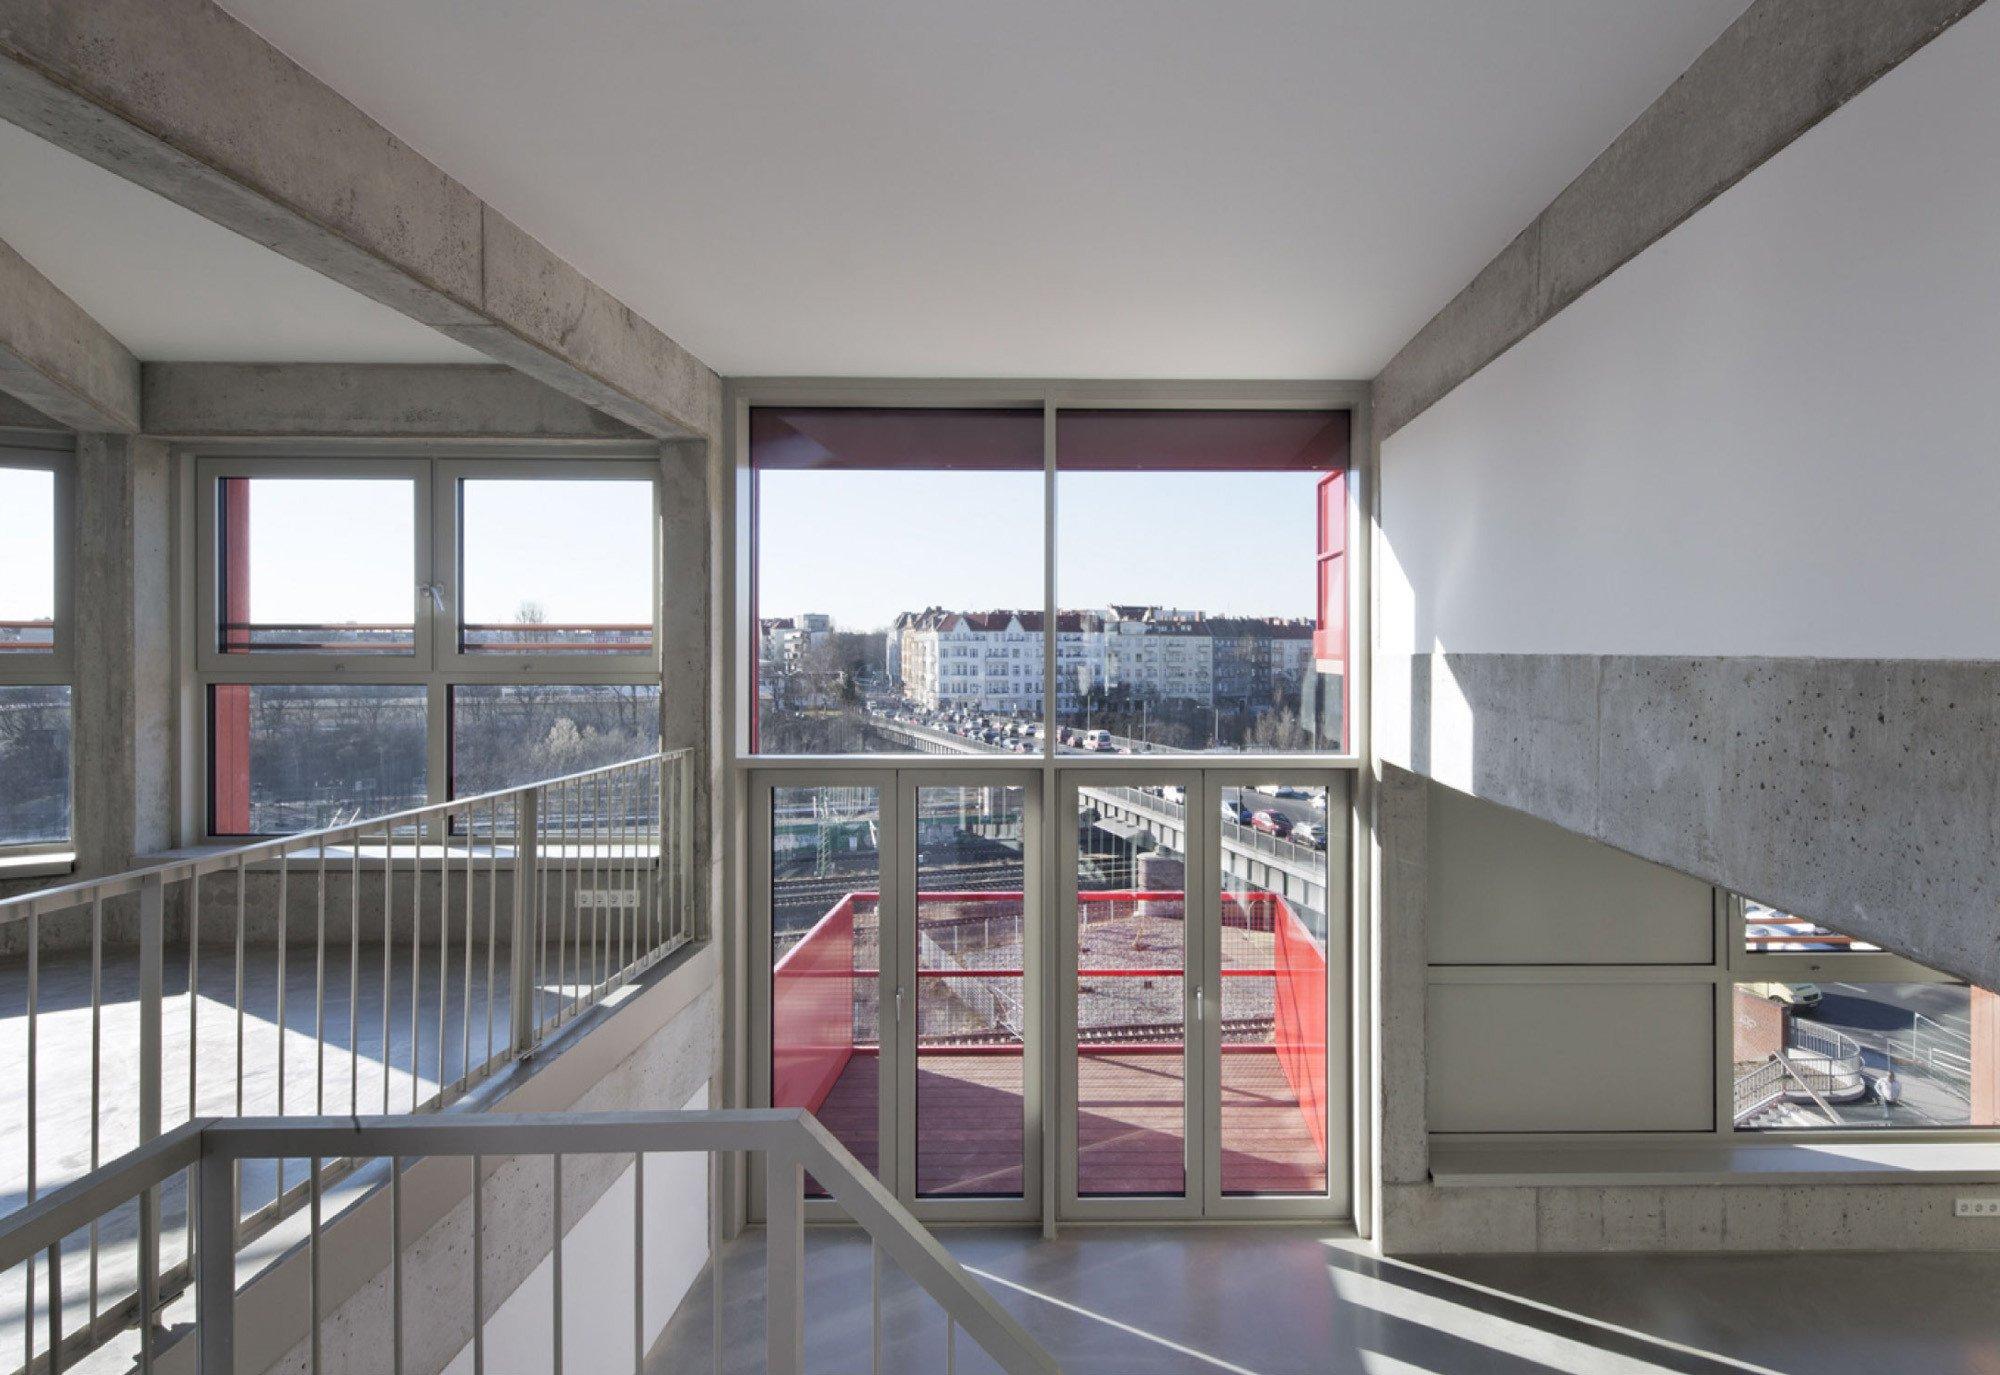 Lokdepot Berlin wohnhäuser am lokdepot in berlin bauphysik wohnen baunetz wissen